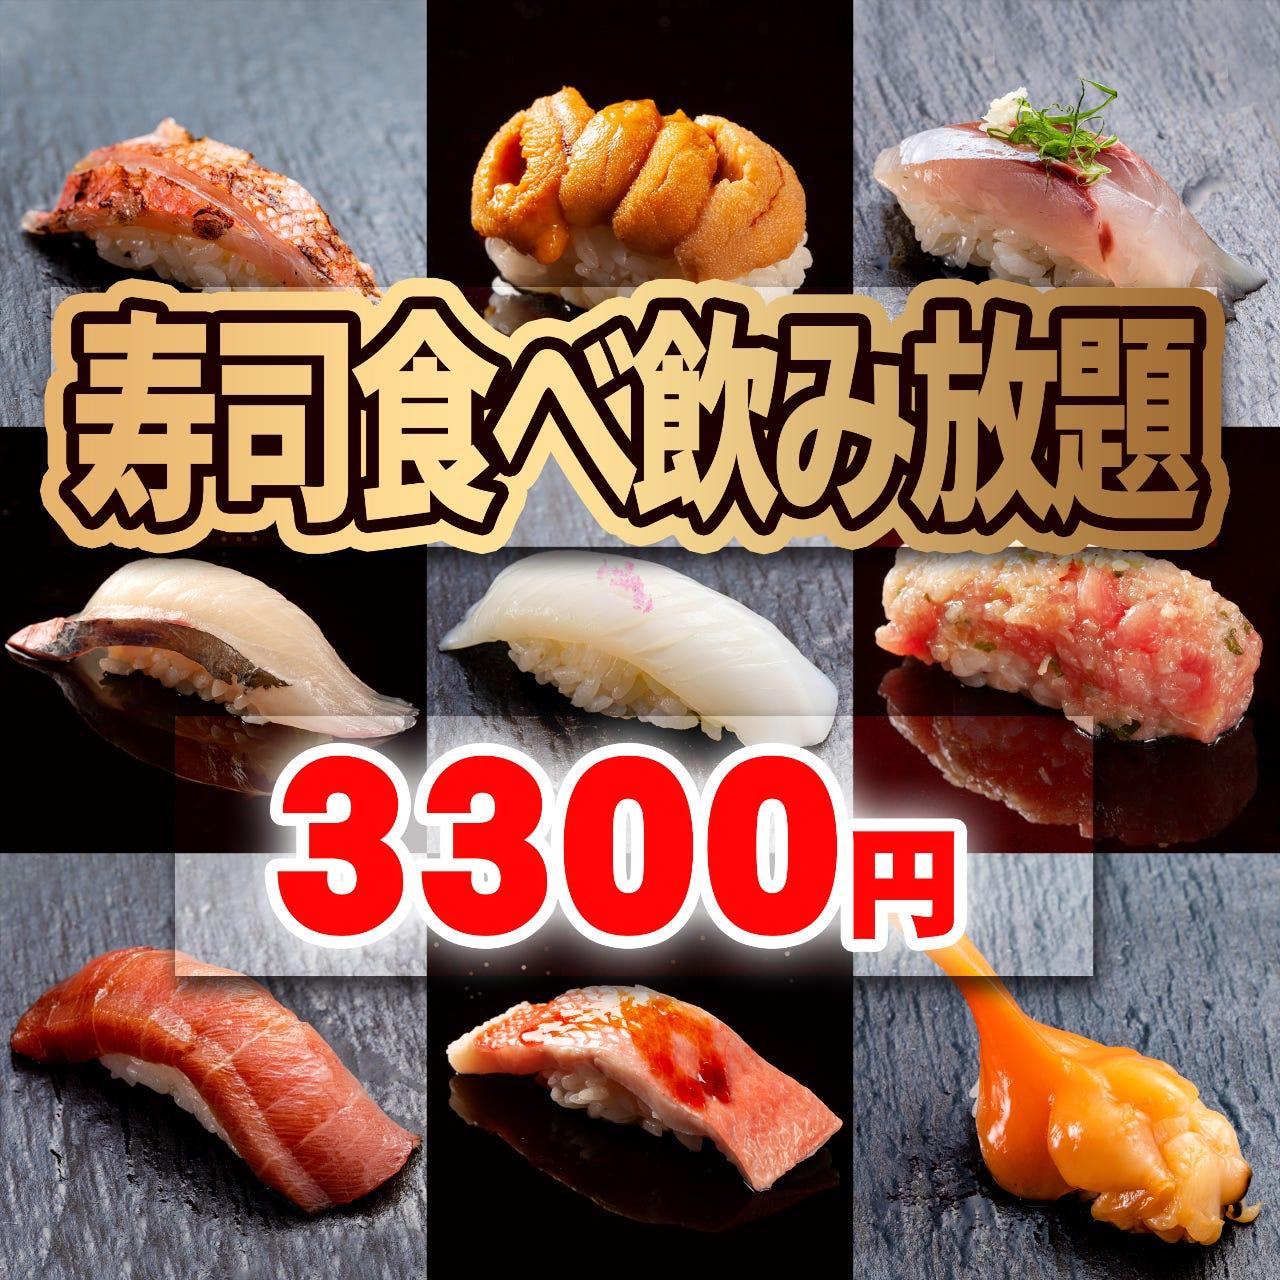 【2時間寿司&肉寿司食べ飲み放題3,300円】サーモン・真鯛・えんがわ!肉寿司など!